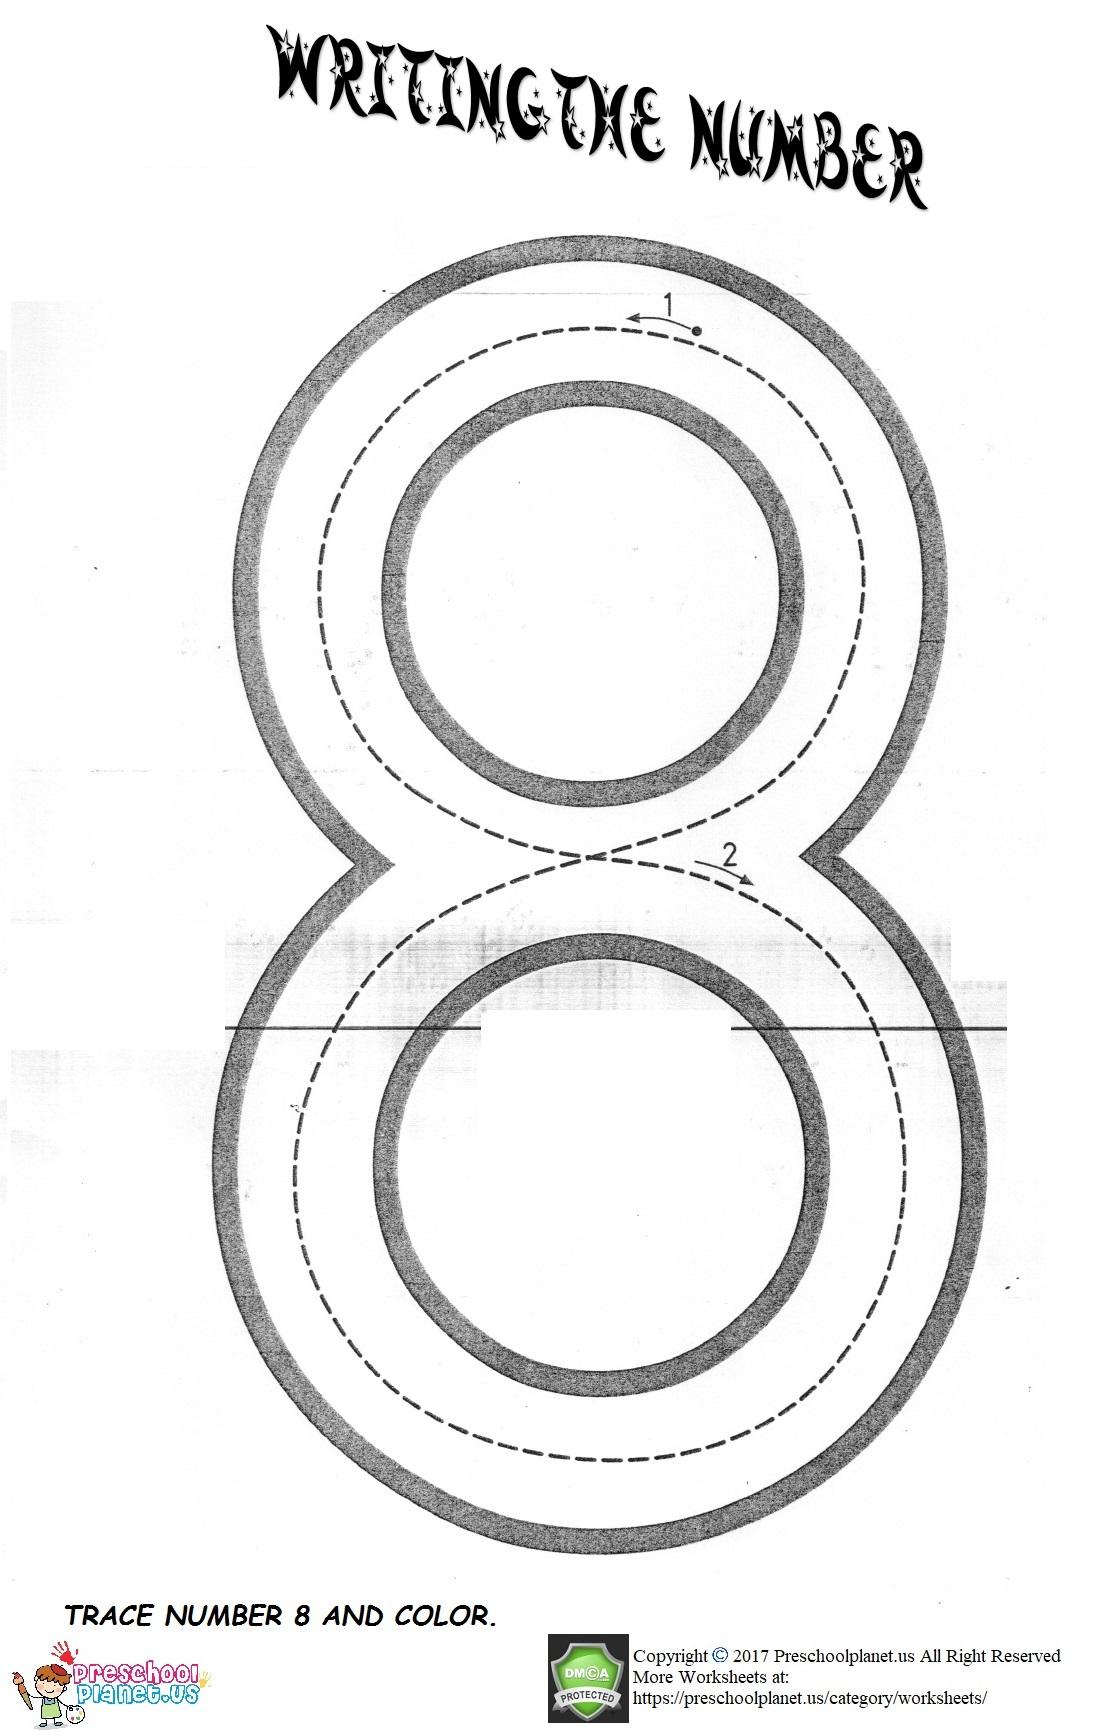 Number 8 Worksheet Preschoolplanet